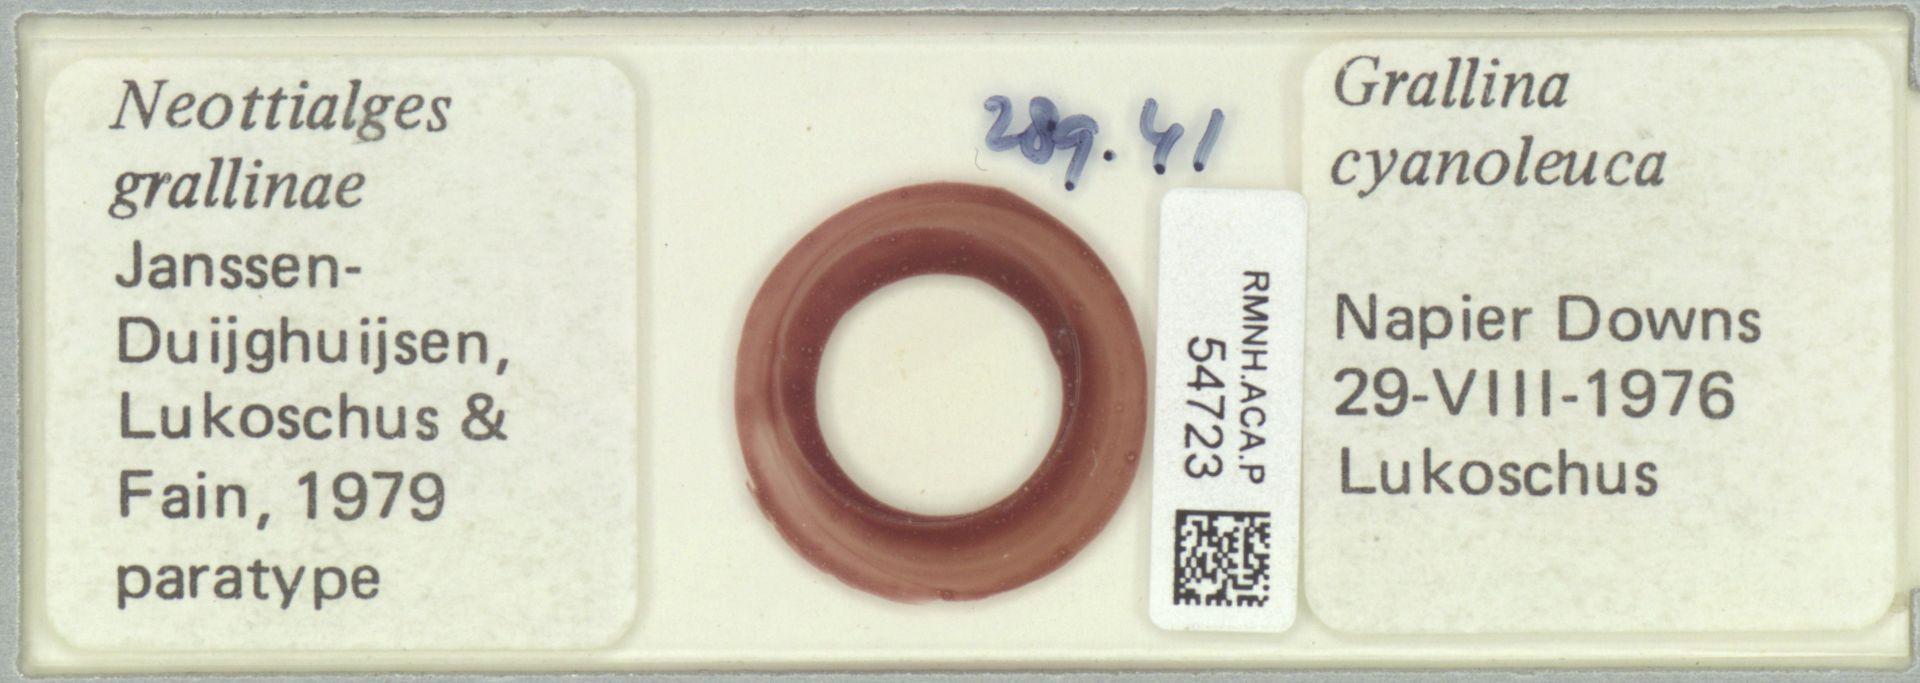 RMNH.ACA.P.54723 | Neottialges grallinae Janssen Duijghuijsen, Lukoschus & Fain, 1979